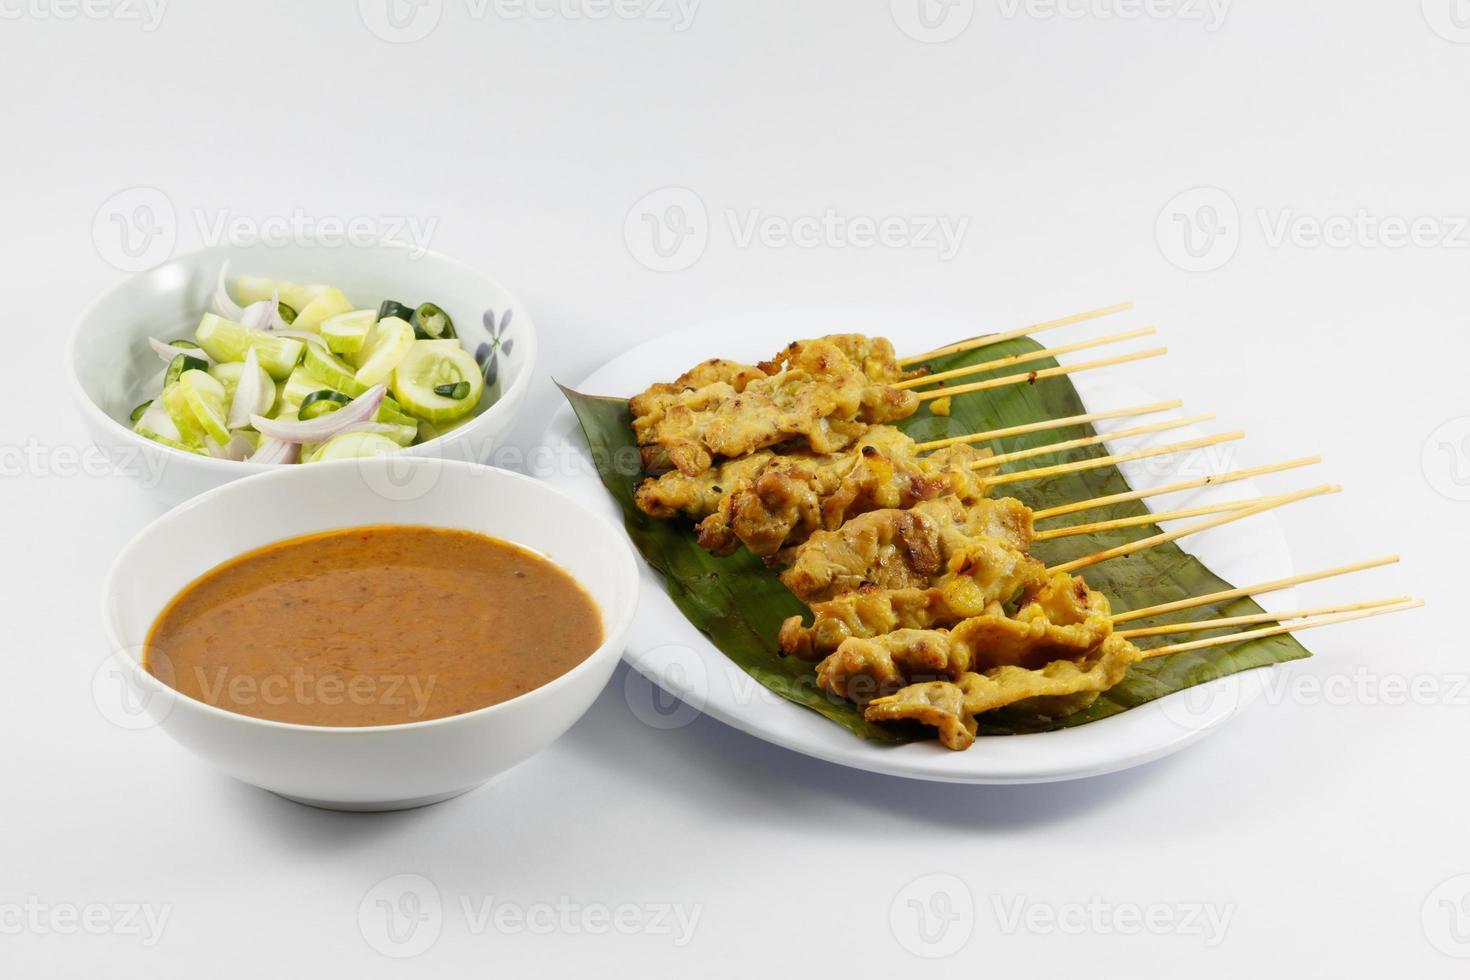 thailändisches Essen, Schweinefleisch Satay mit Erdnusssauce foto